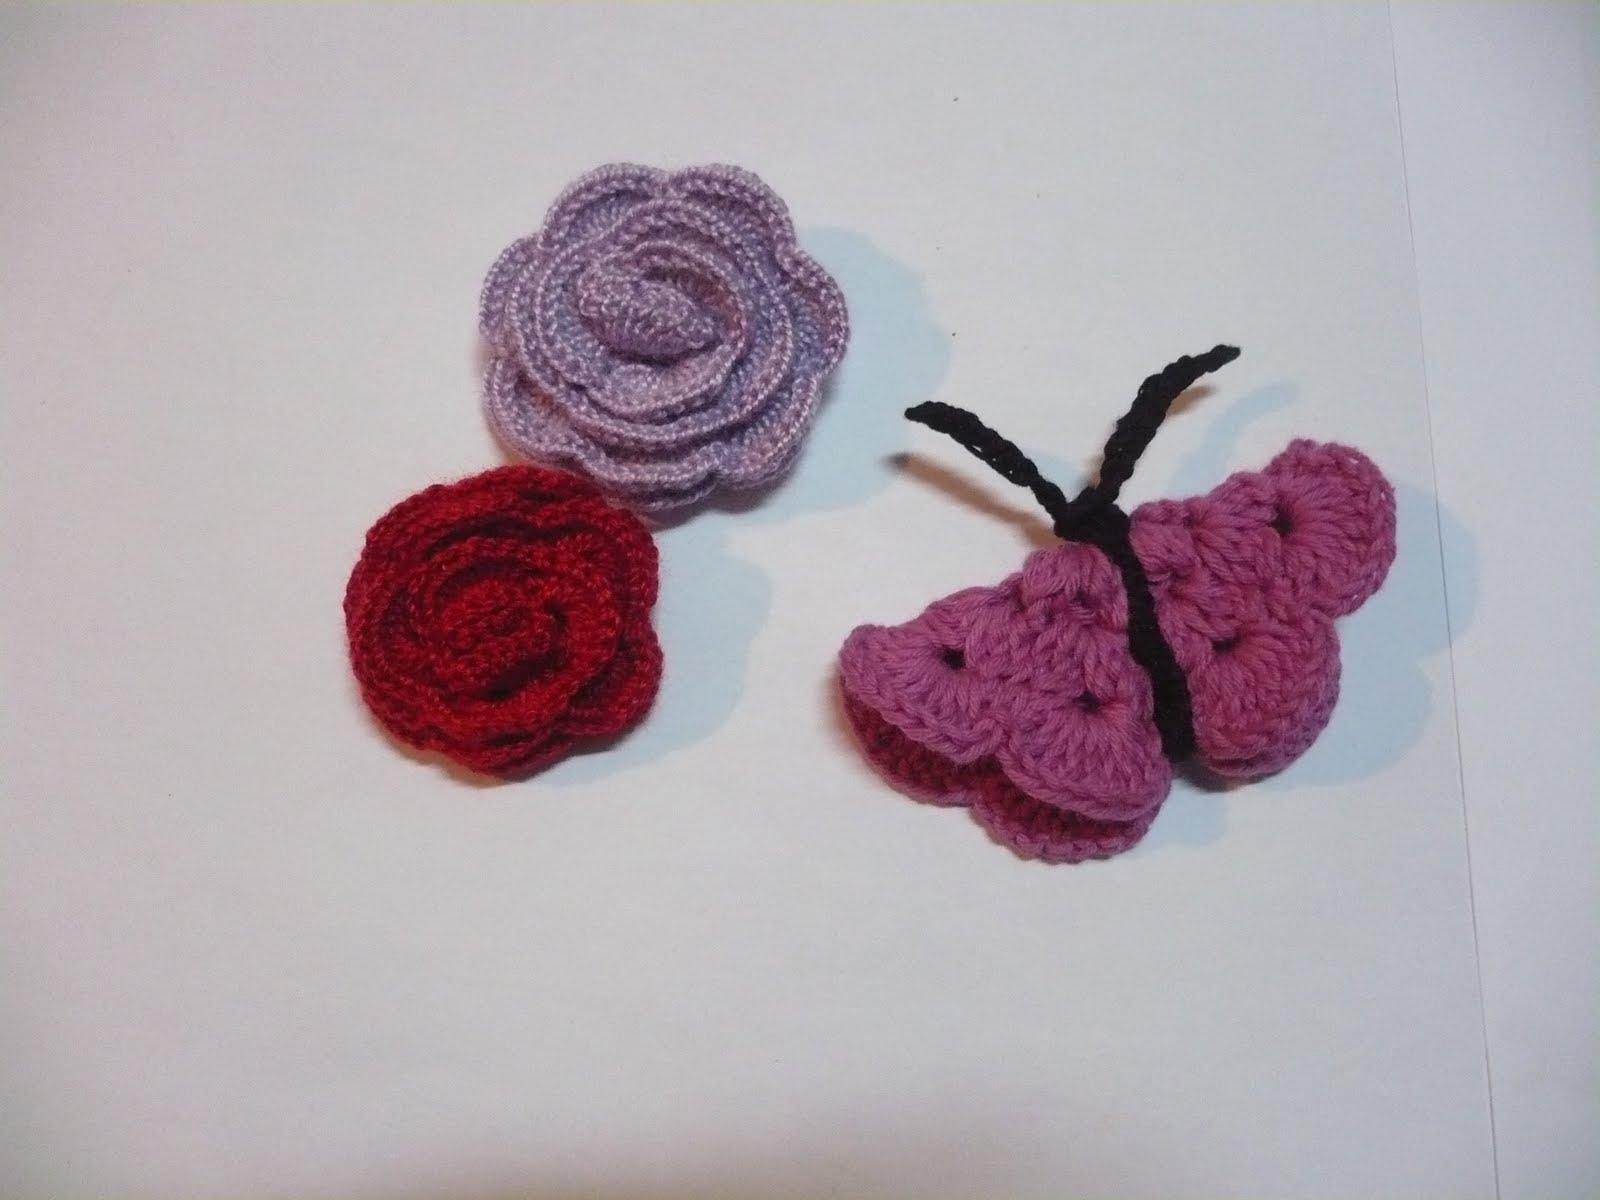 rosas tejidas al crochet de menos cantidad de pétalos y una mariposa ...